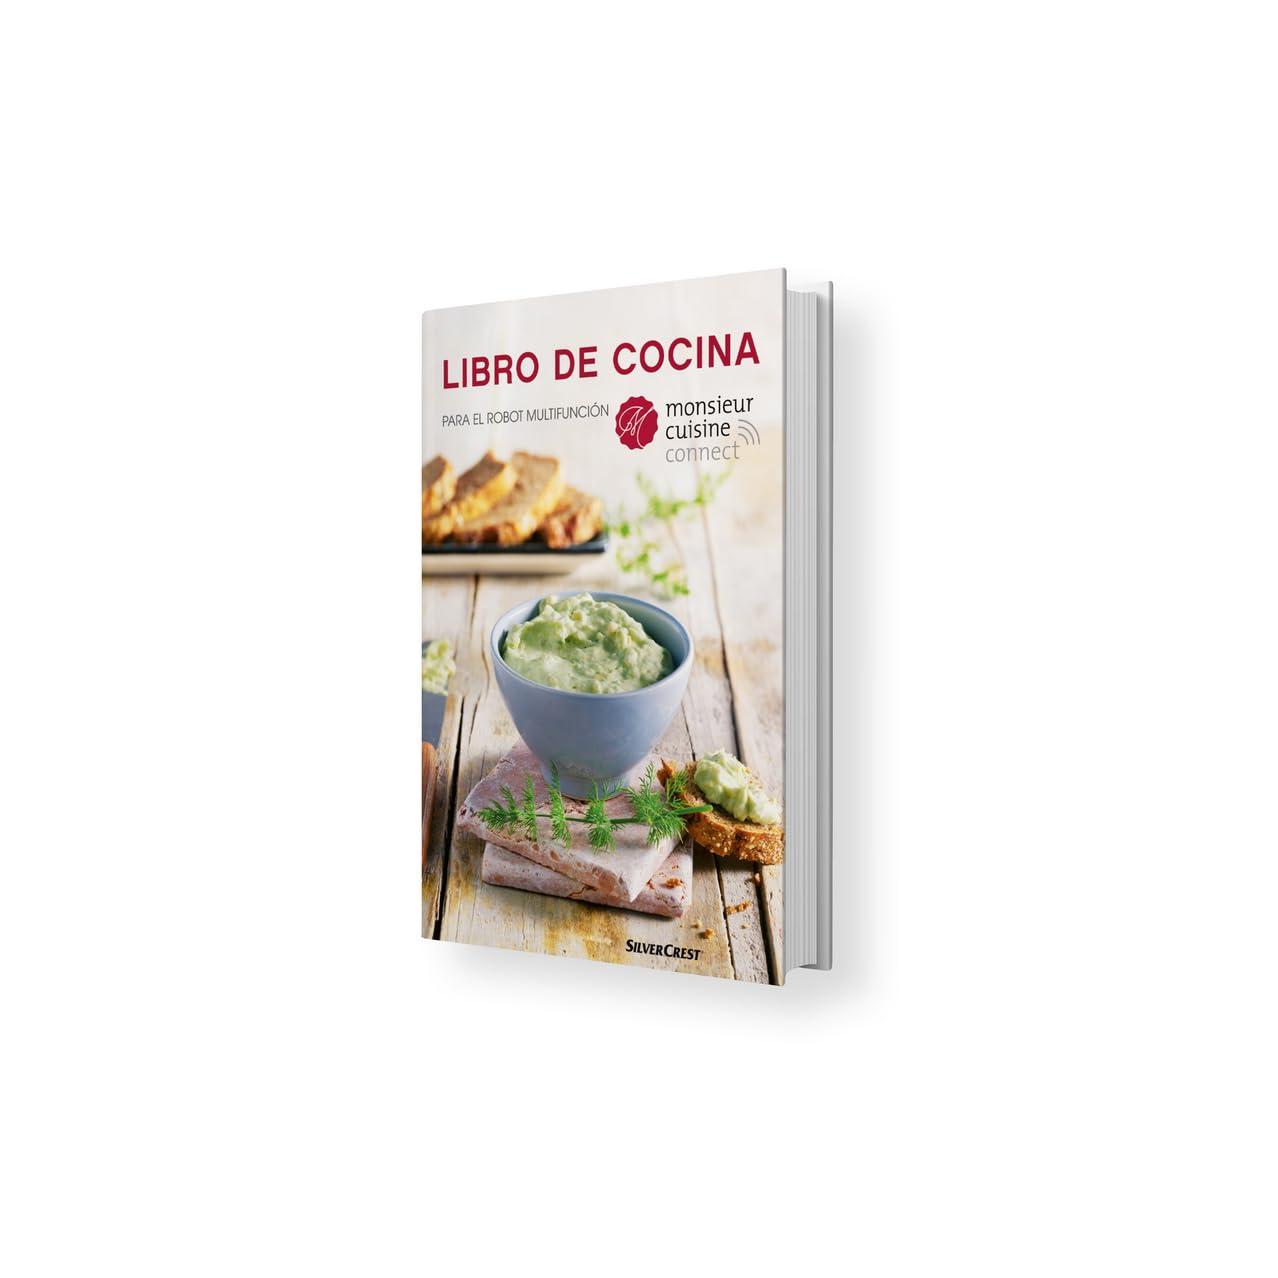 Libro De Cocina Para Robot Multifunción Monsieur Cuisine